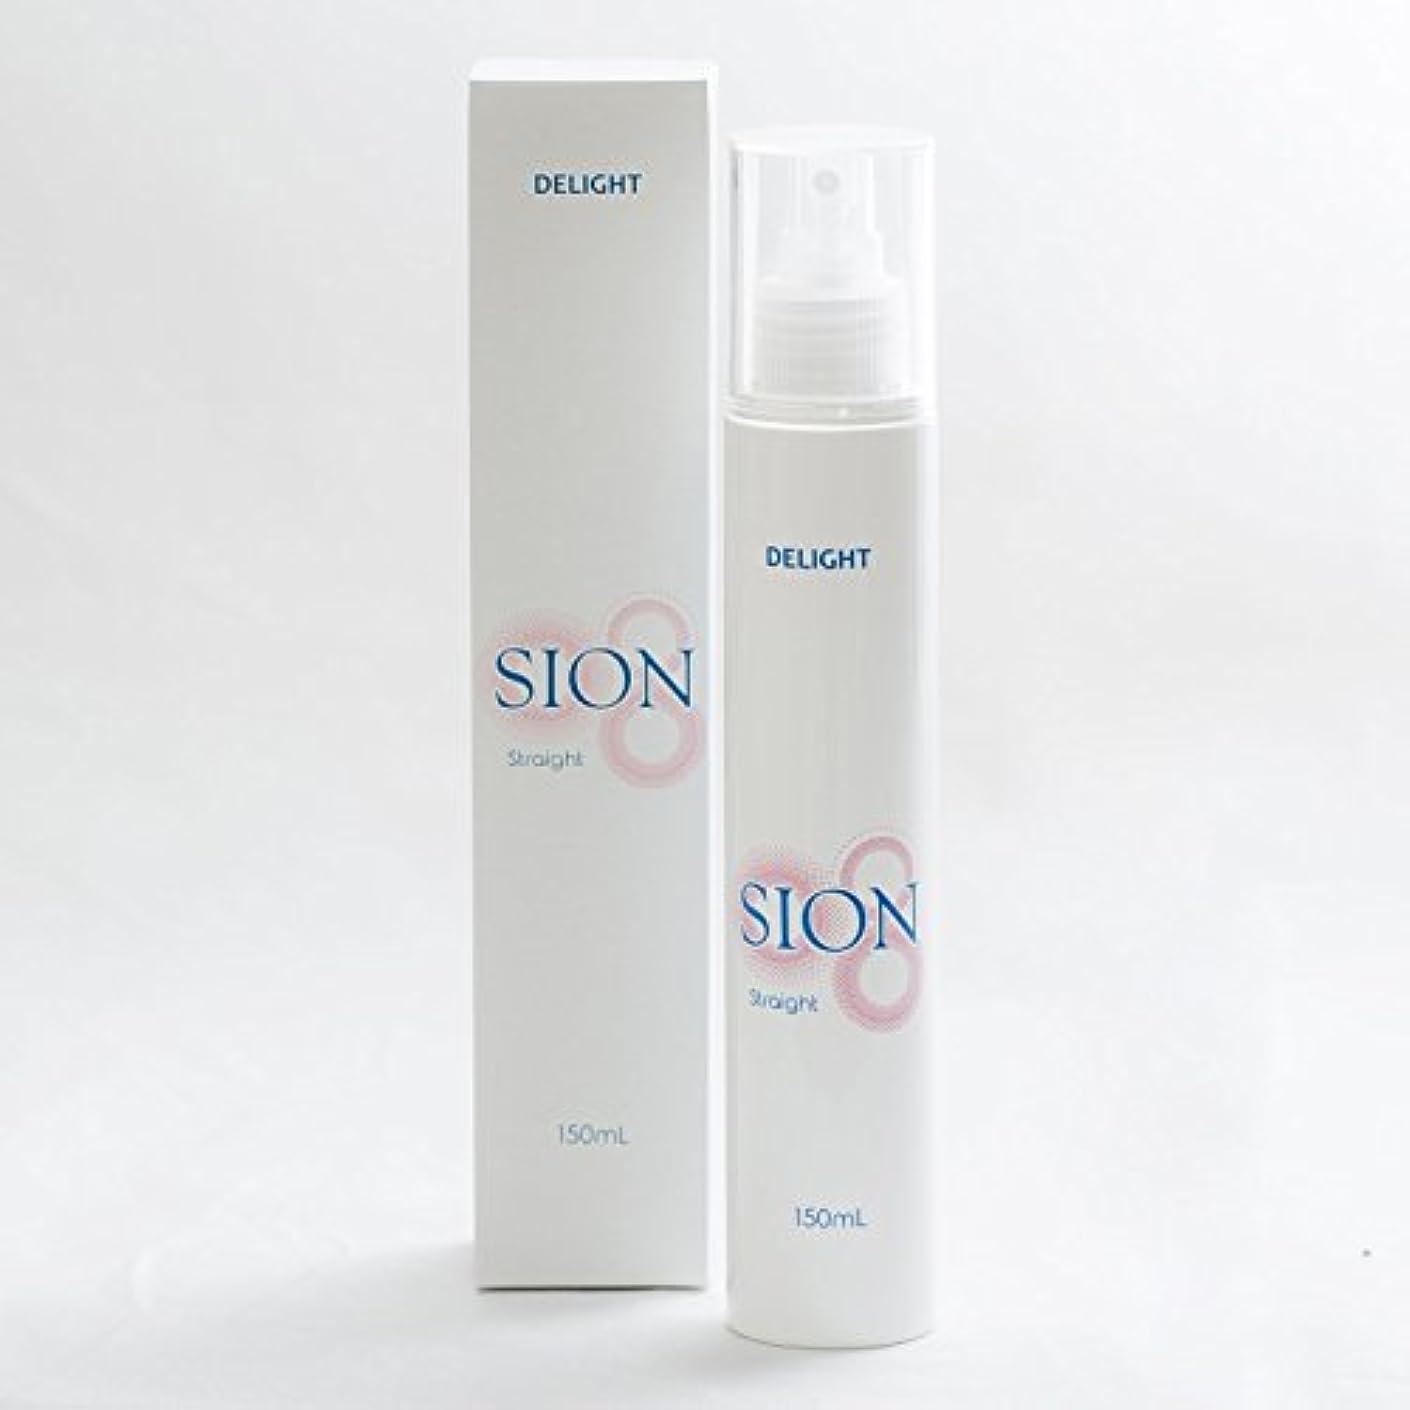 重要性サッカー位置づける[DELIGHT] SION Straight 150mL 化粧水 高機能還元性イオン水 (S-109)